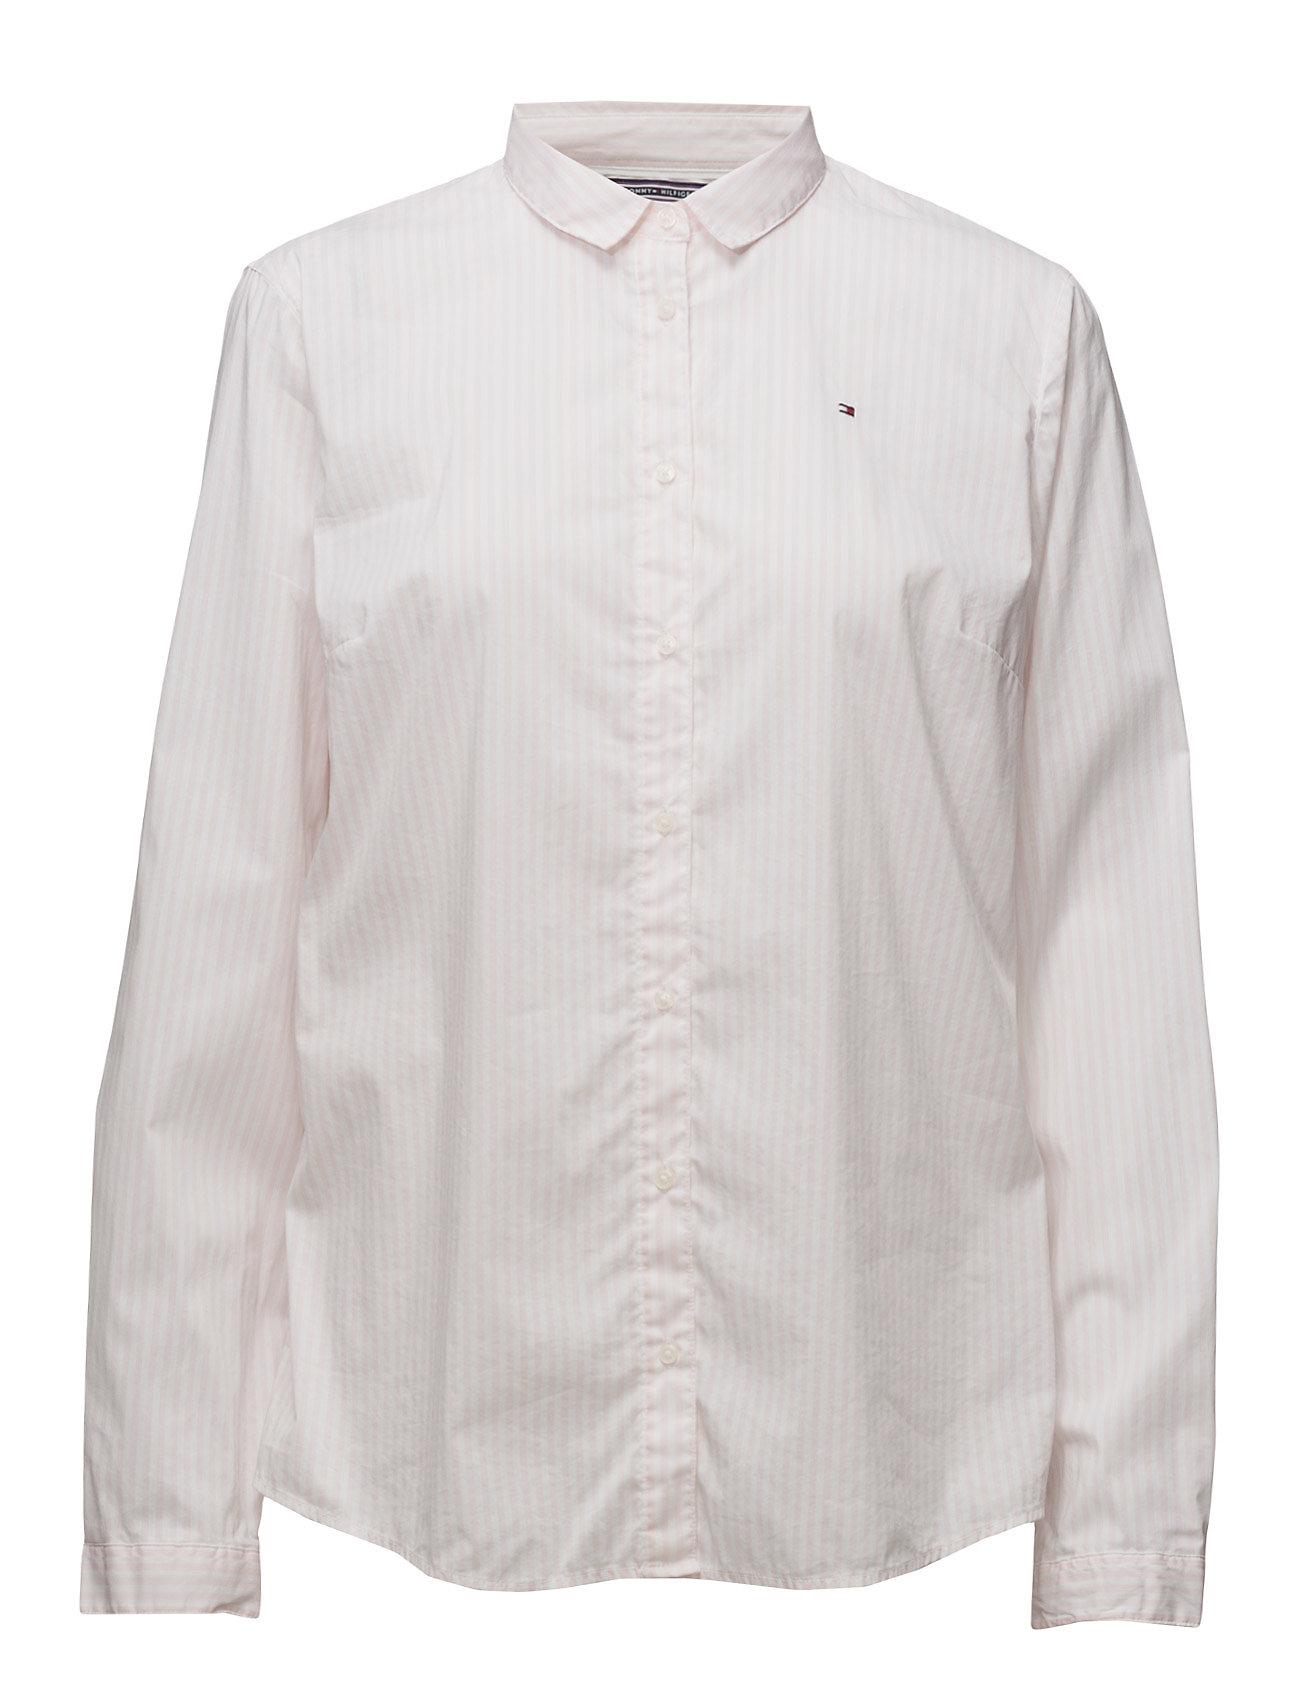 Sp Duda Str Mix Shirt Ls W2 Tommy Hilfiger Trøjer til Kvinder i Lyserød